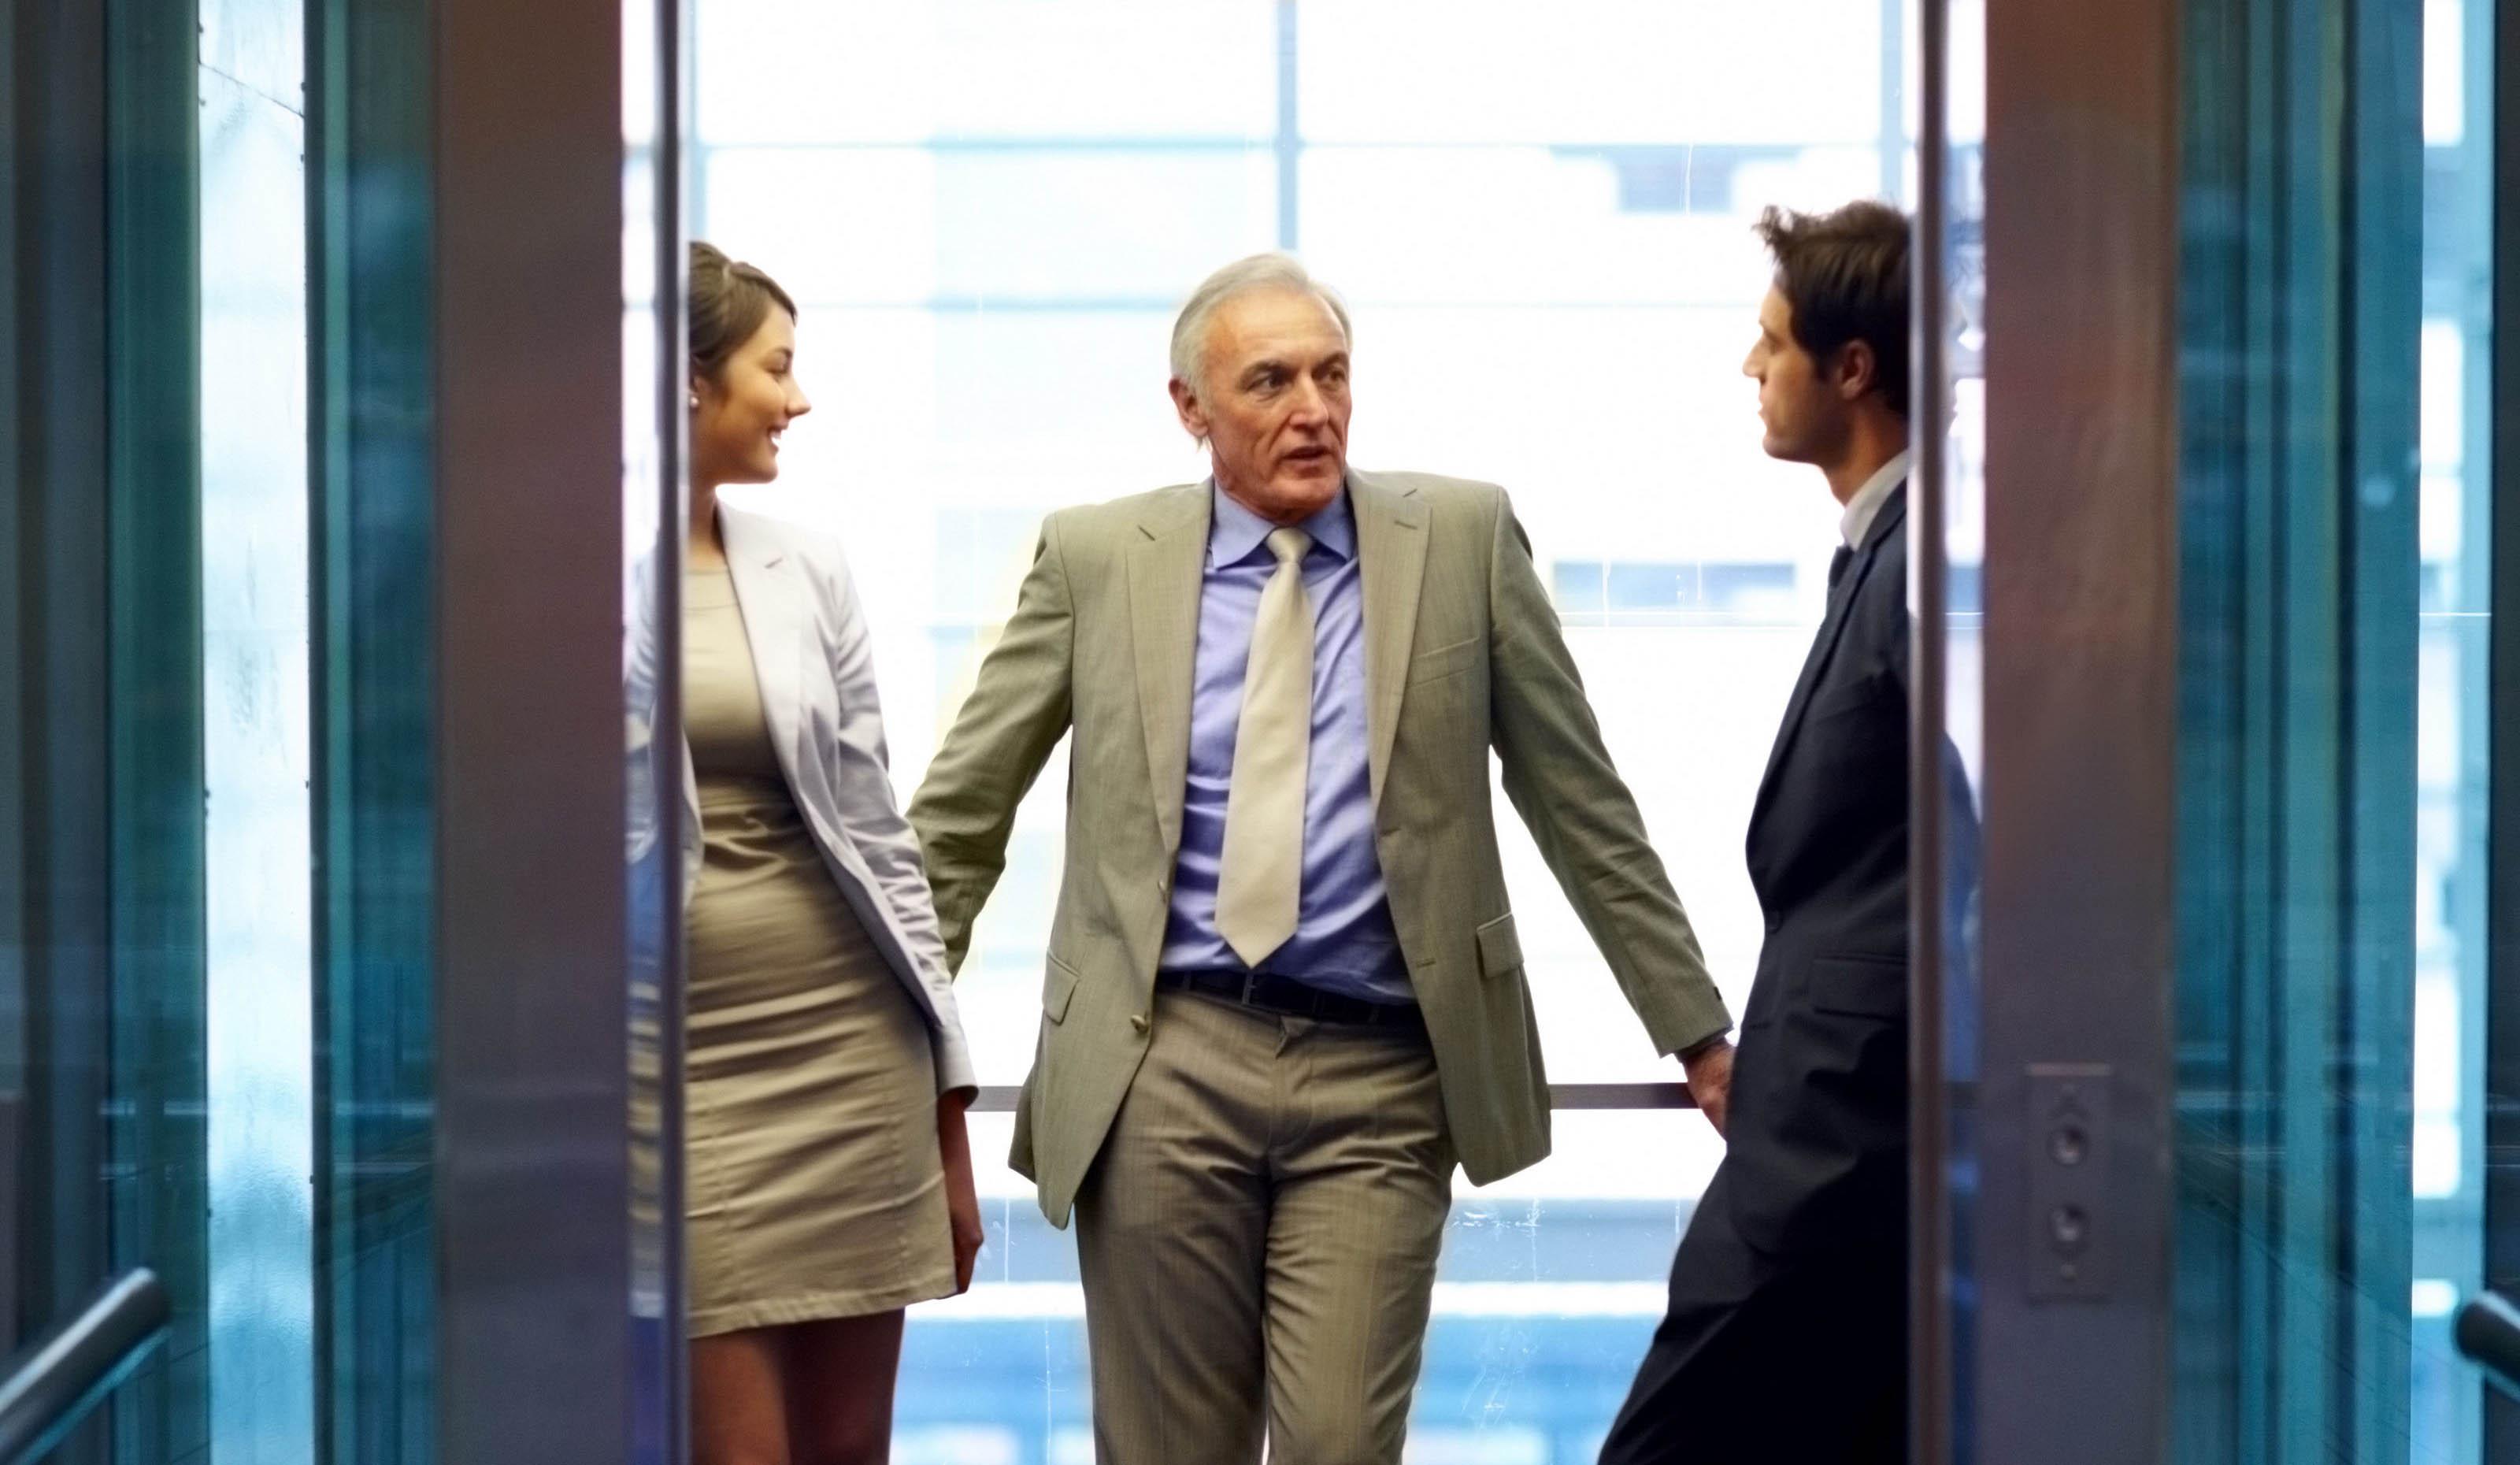 http://www.franchiseelites.com/wp-content/uploads/2014/09/elevator-pitch-franchise-sales.jpg